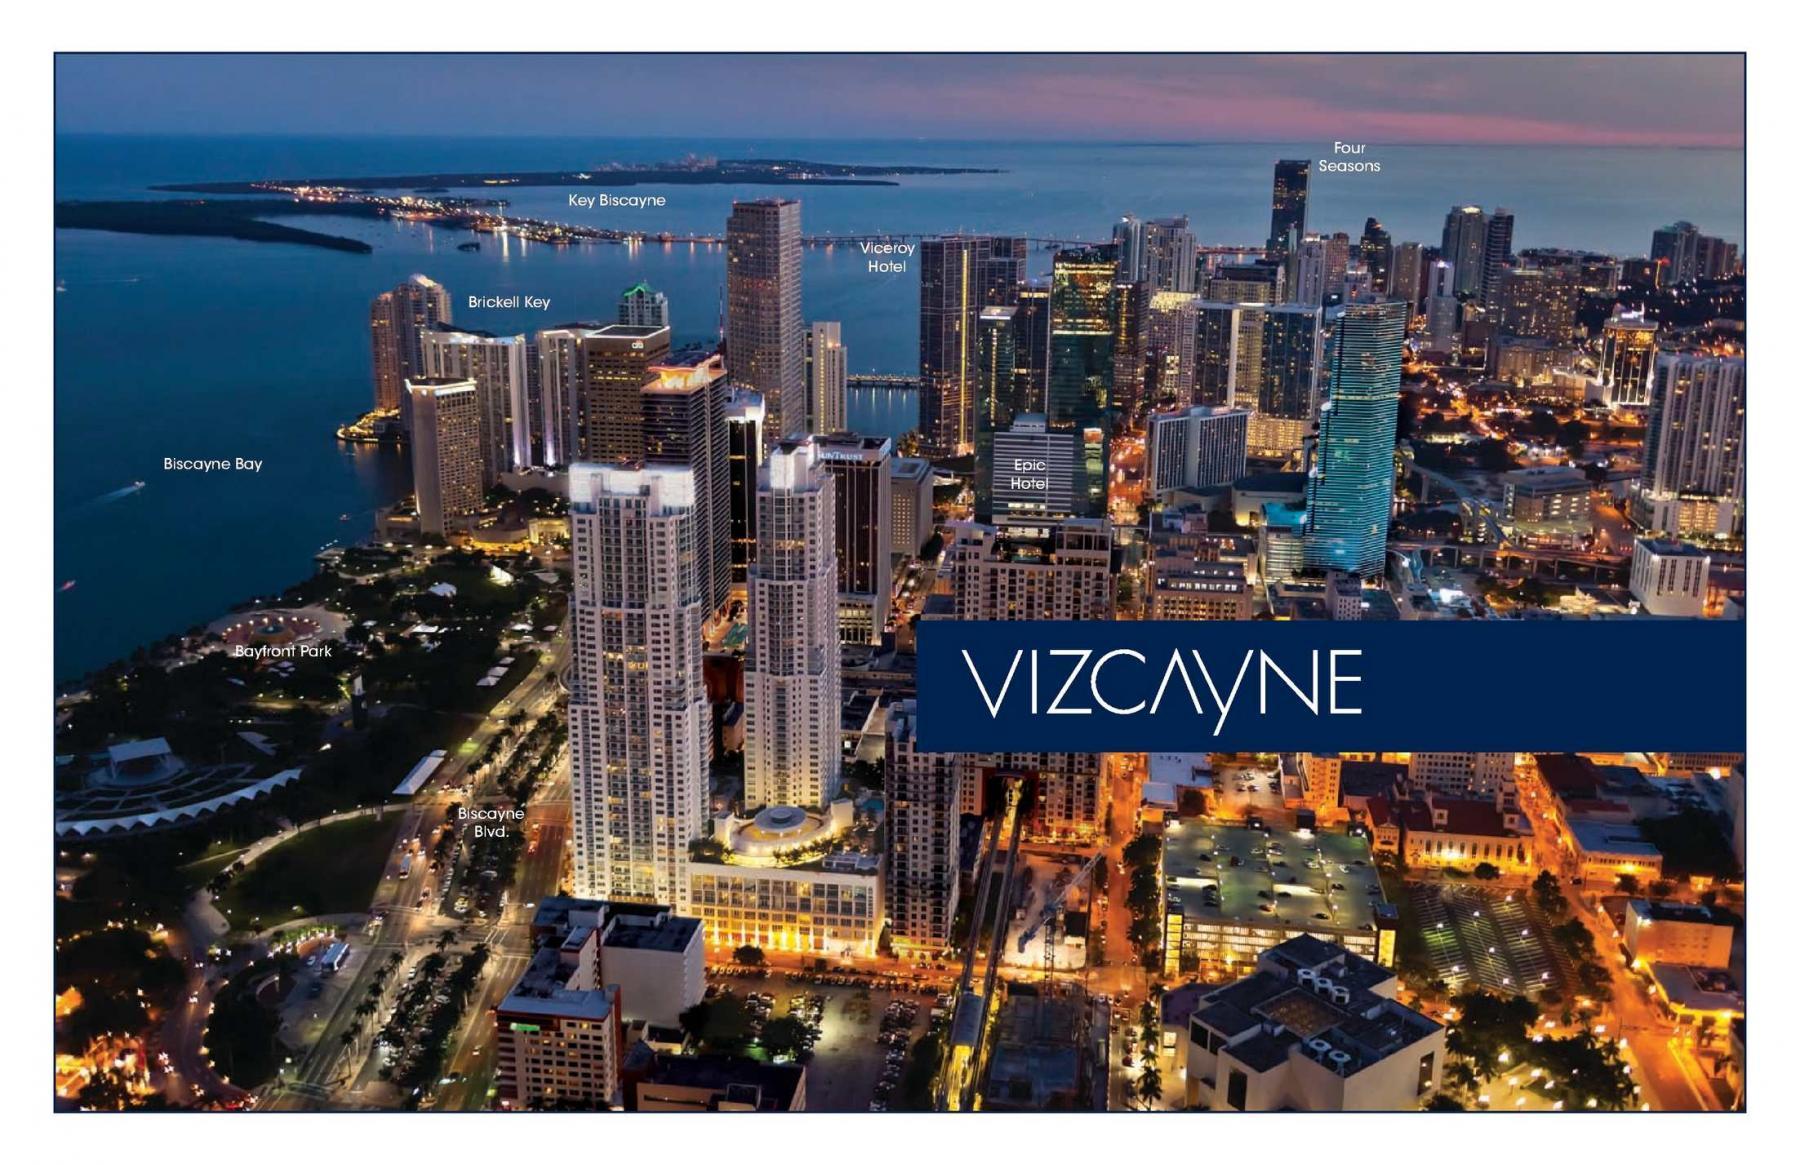 Vizcayne Downtown / Biscayne Condos for Sale